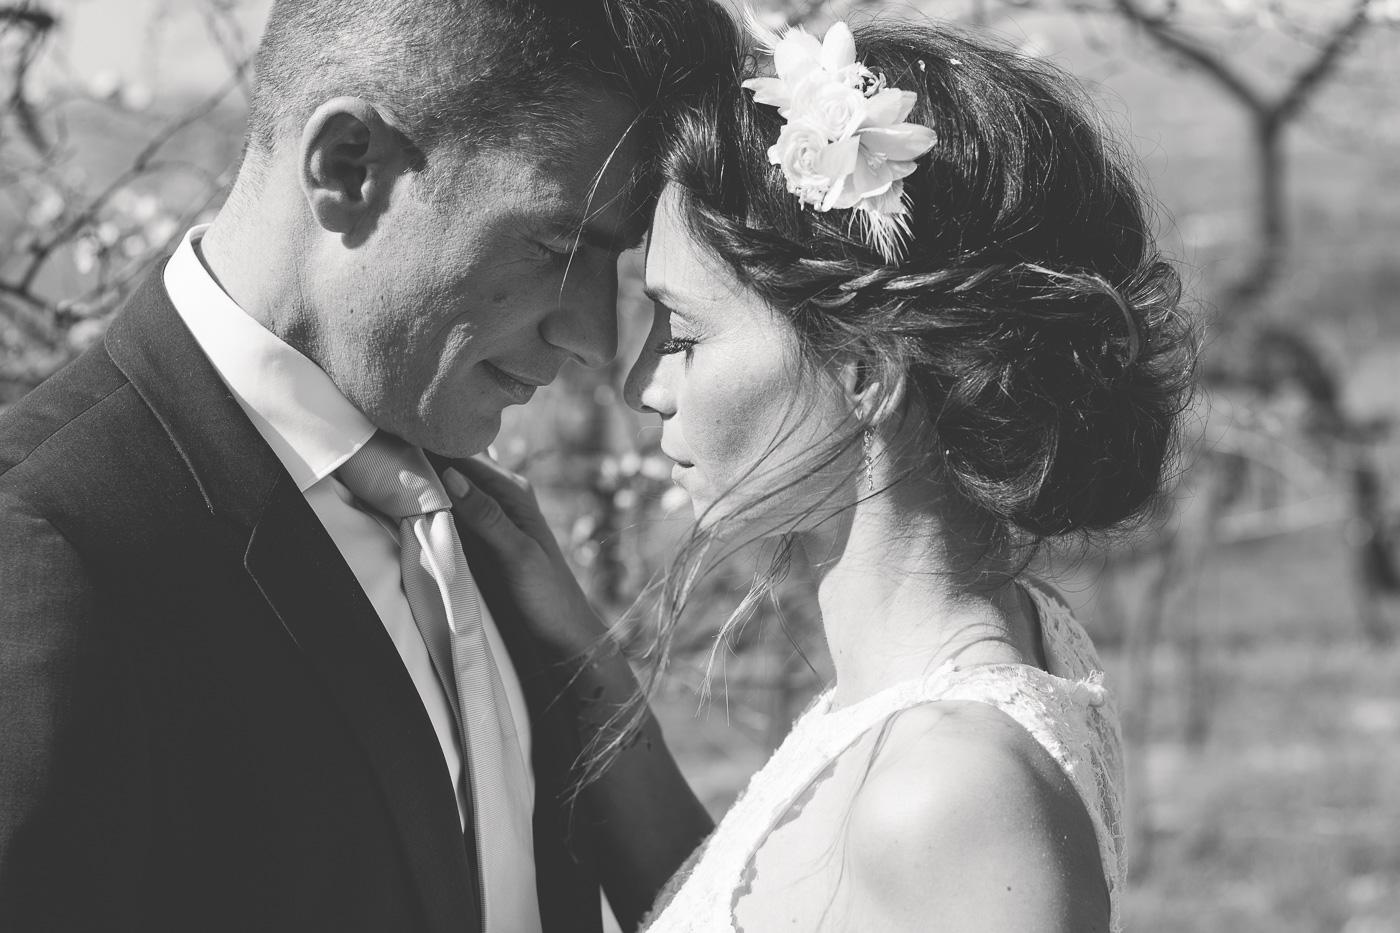 Brautpaar geniesst den Moment und wird fotografiert vom Wiener Fotografen Markus Winkelbauer